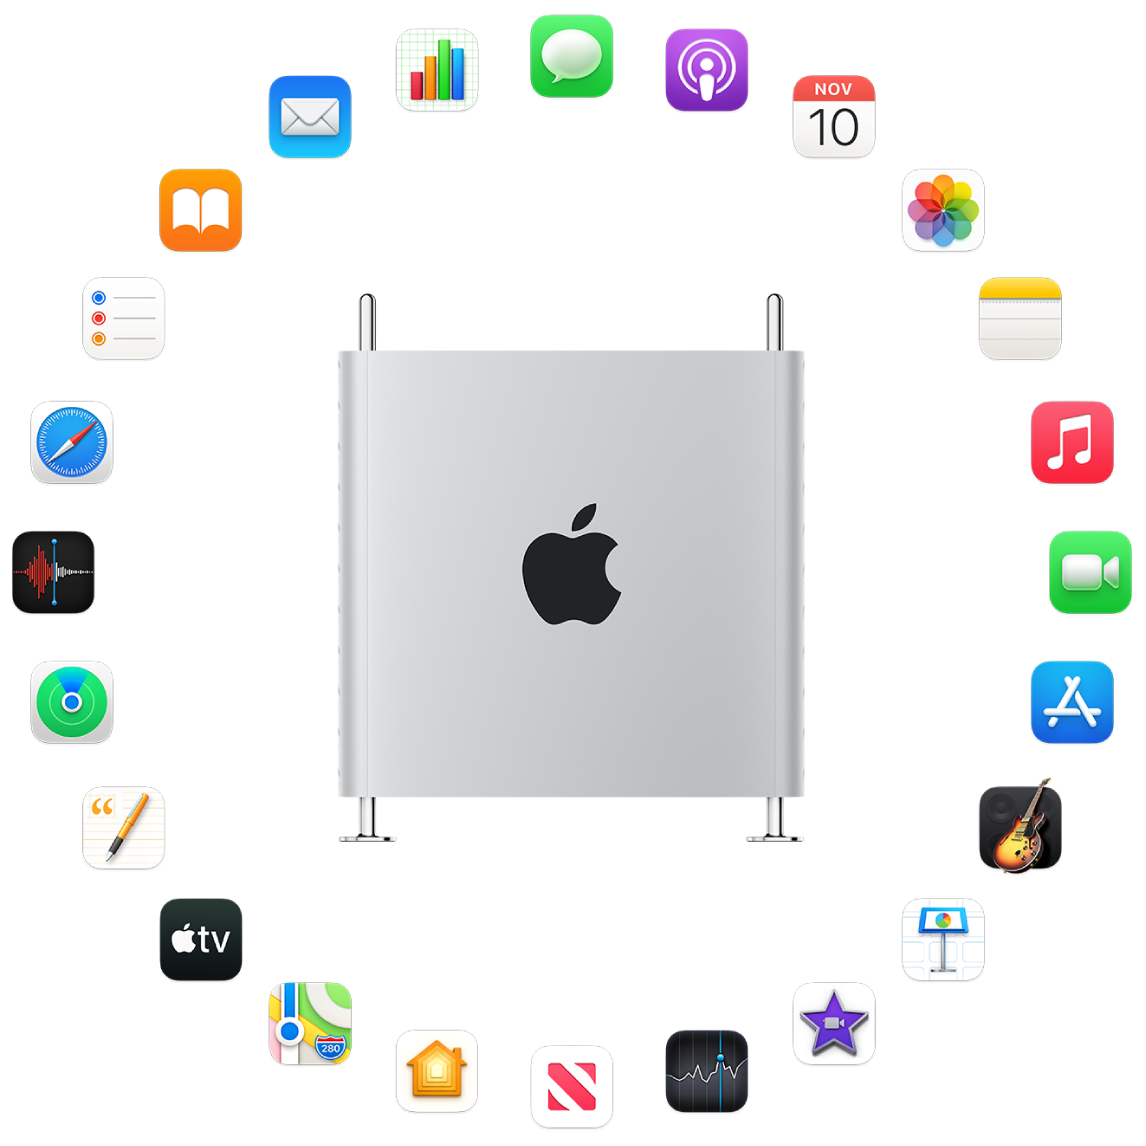 Un MacPro autour duquel sont représentées les icônes des apps fournies avec votre ordinateur et décrites dans les sections suivantes.